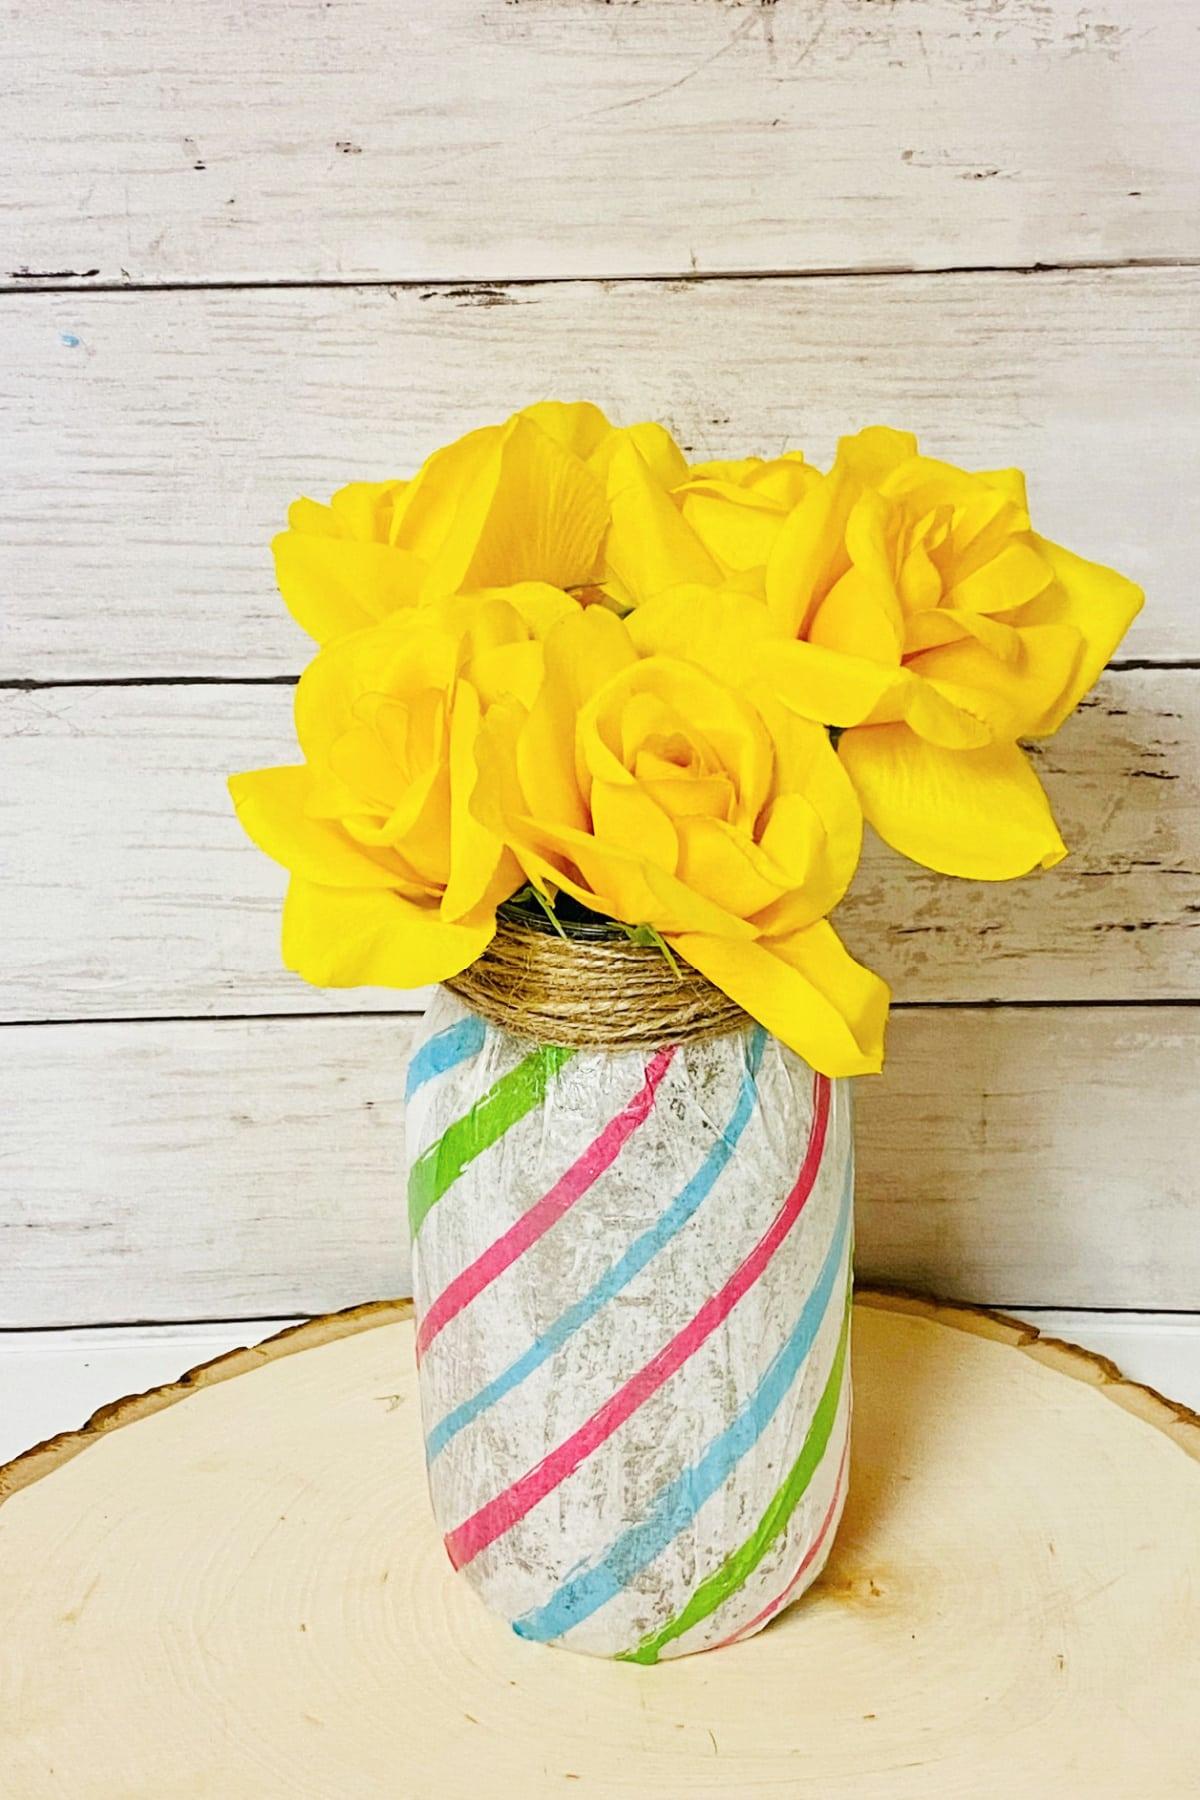 mason jar vase with yellow flowers